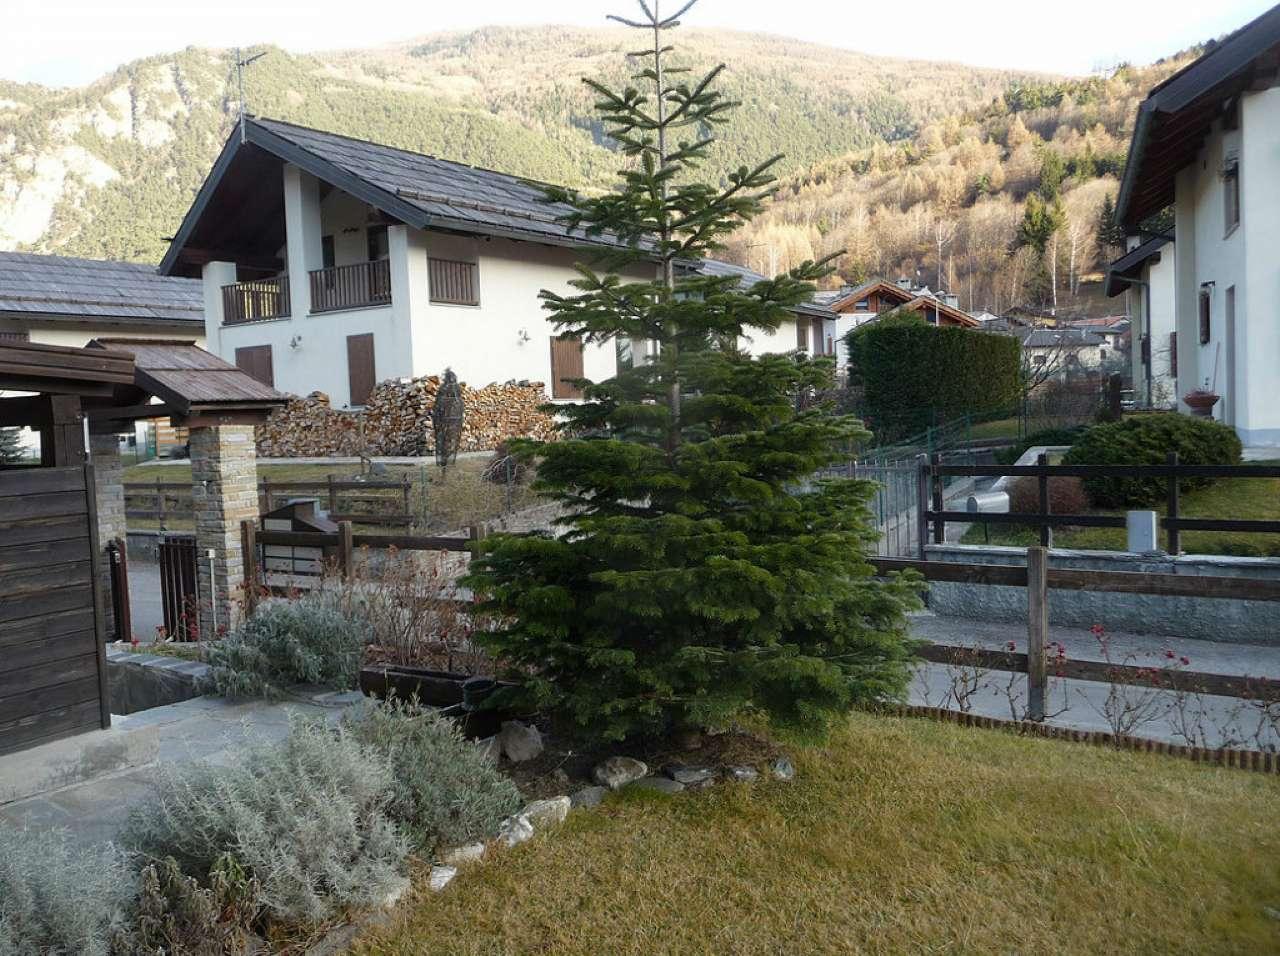 Appartamento in vendita a Oulx, 3 locali, prezzo € 205.000 | CambioCasa.it